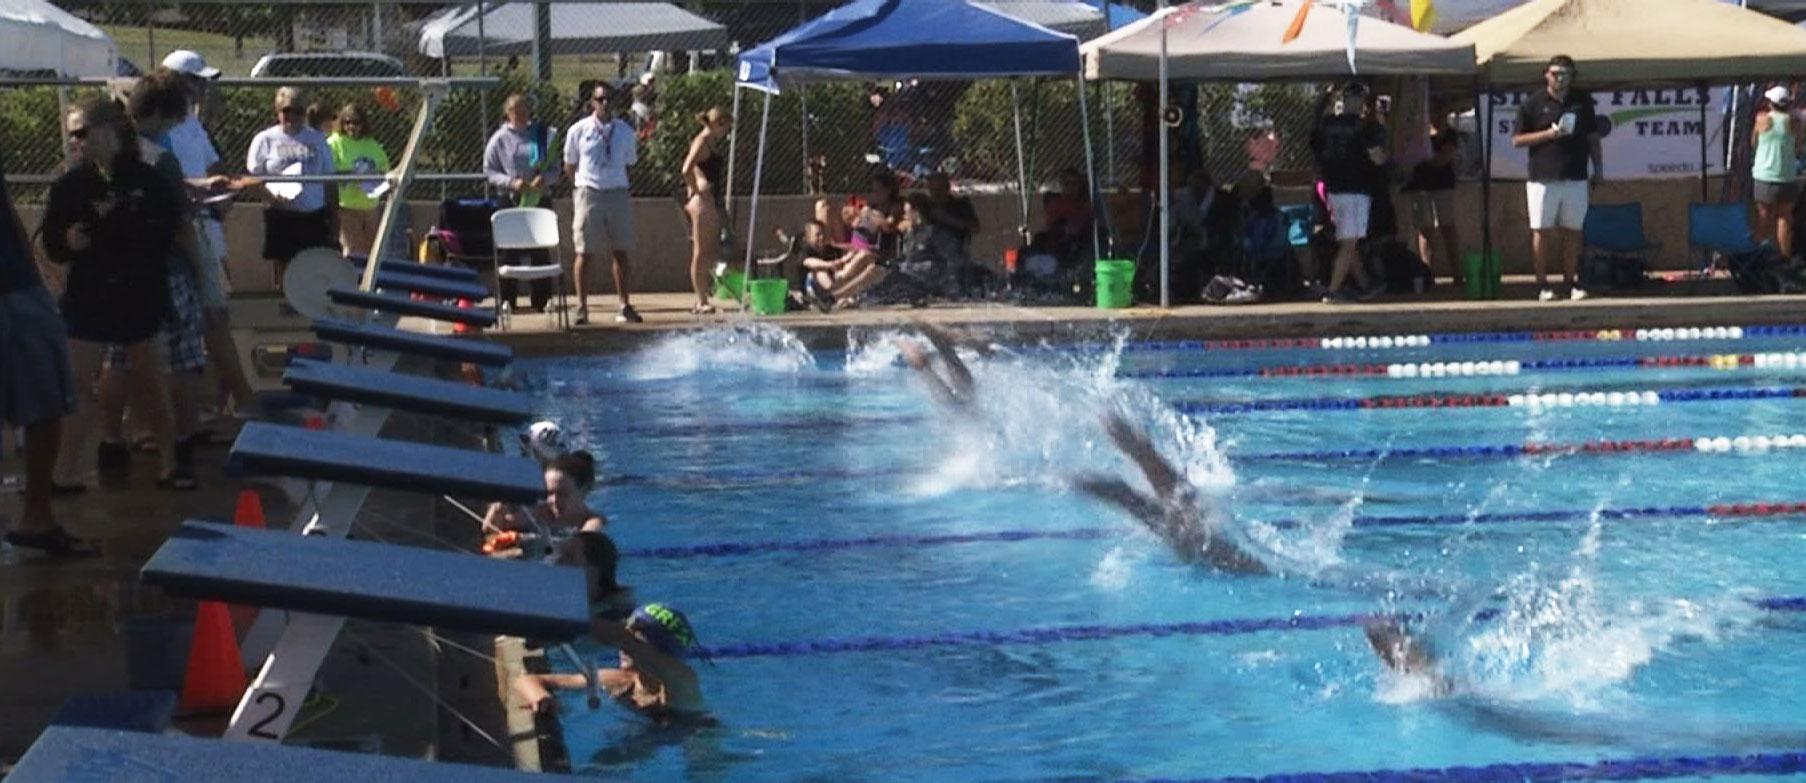 Sf Swim Team Hosts First Meet